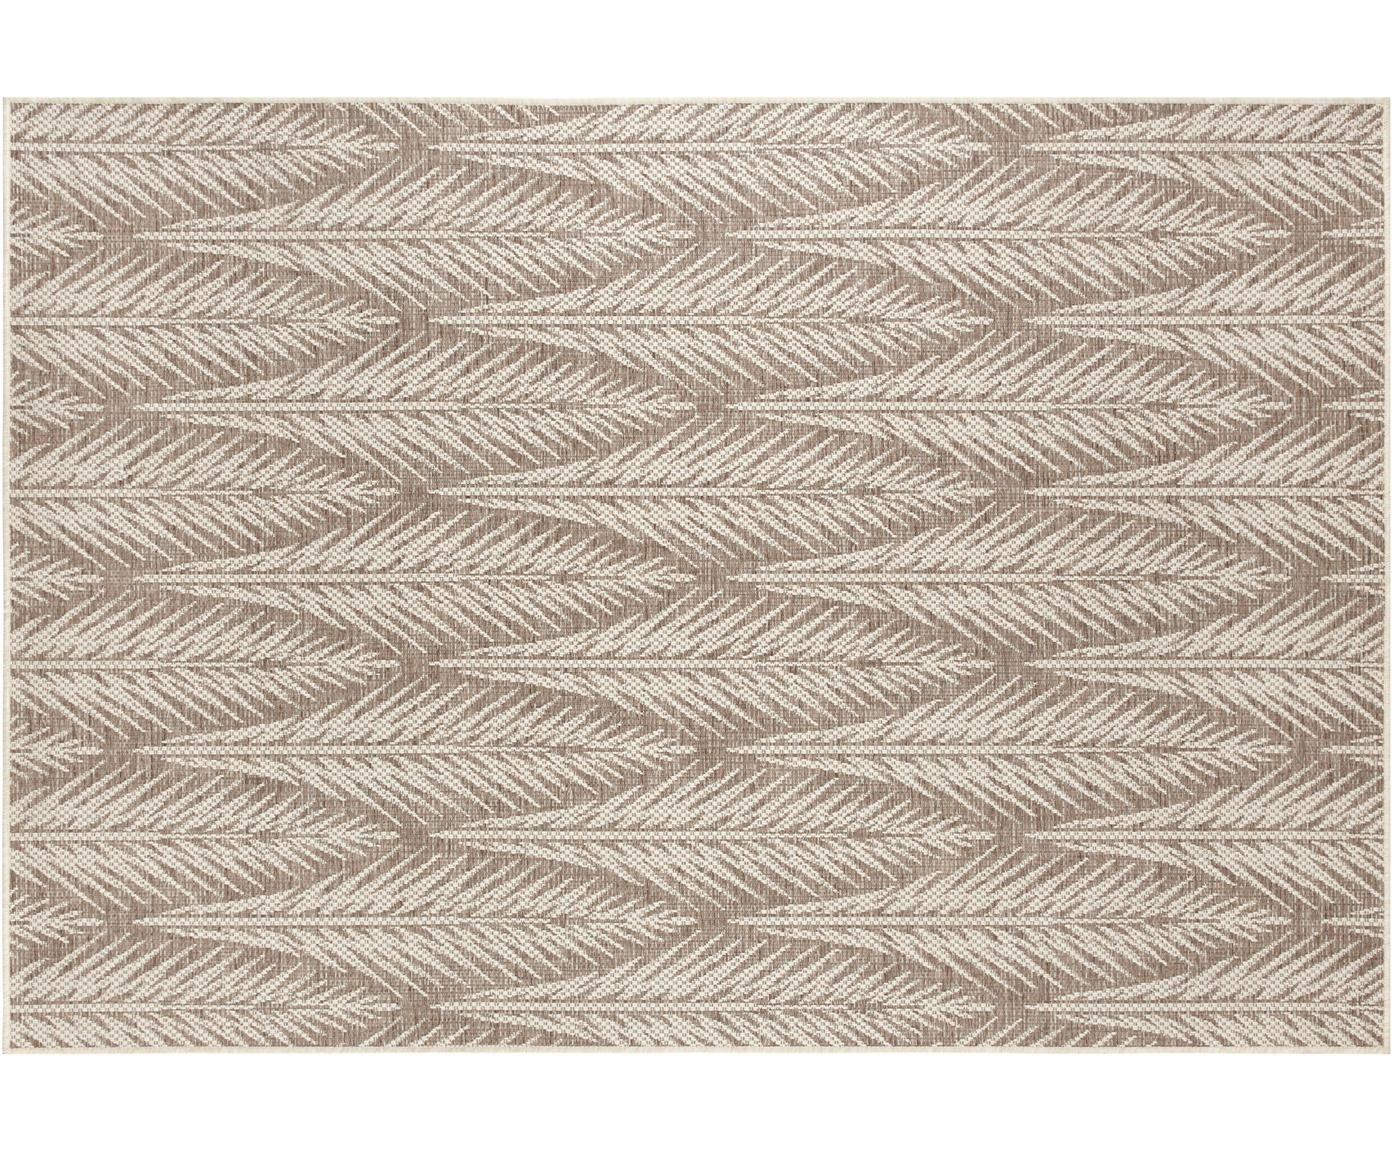 Design In- & Outdoor-Teppich Pella mit grafischem Muster, 100% Polypropylen, Taupe, Beige, B 70 x L 140 cm (Größe XS)